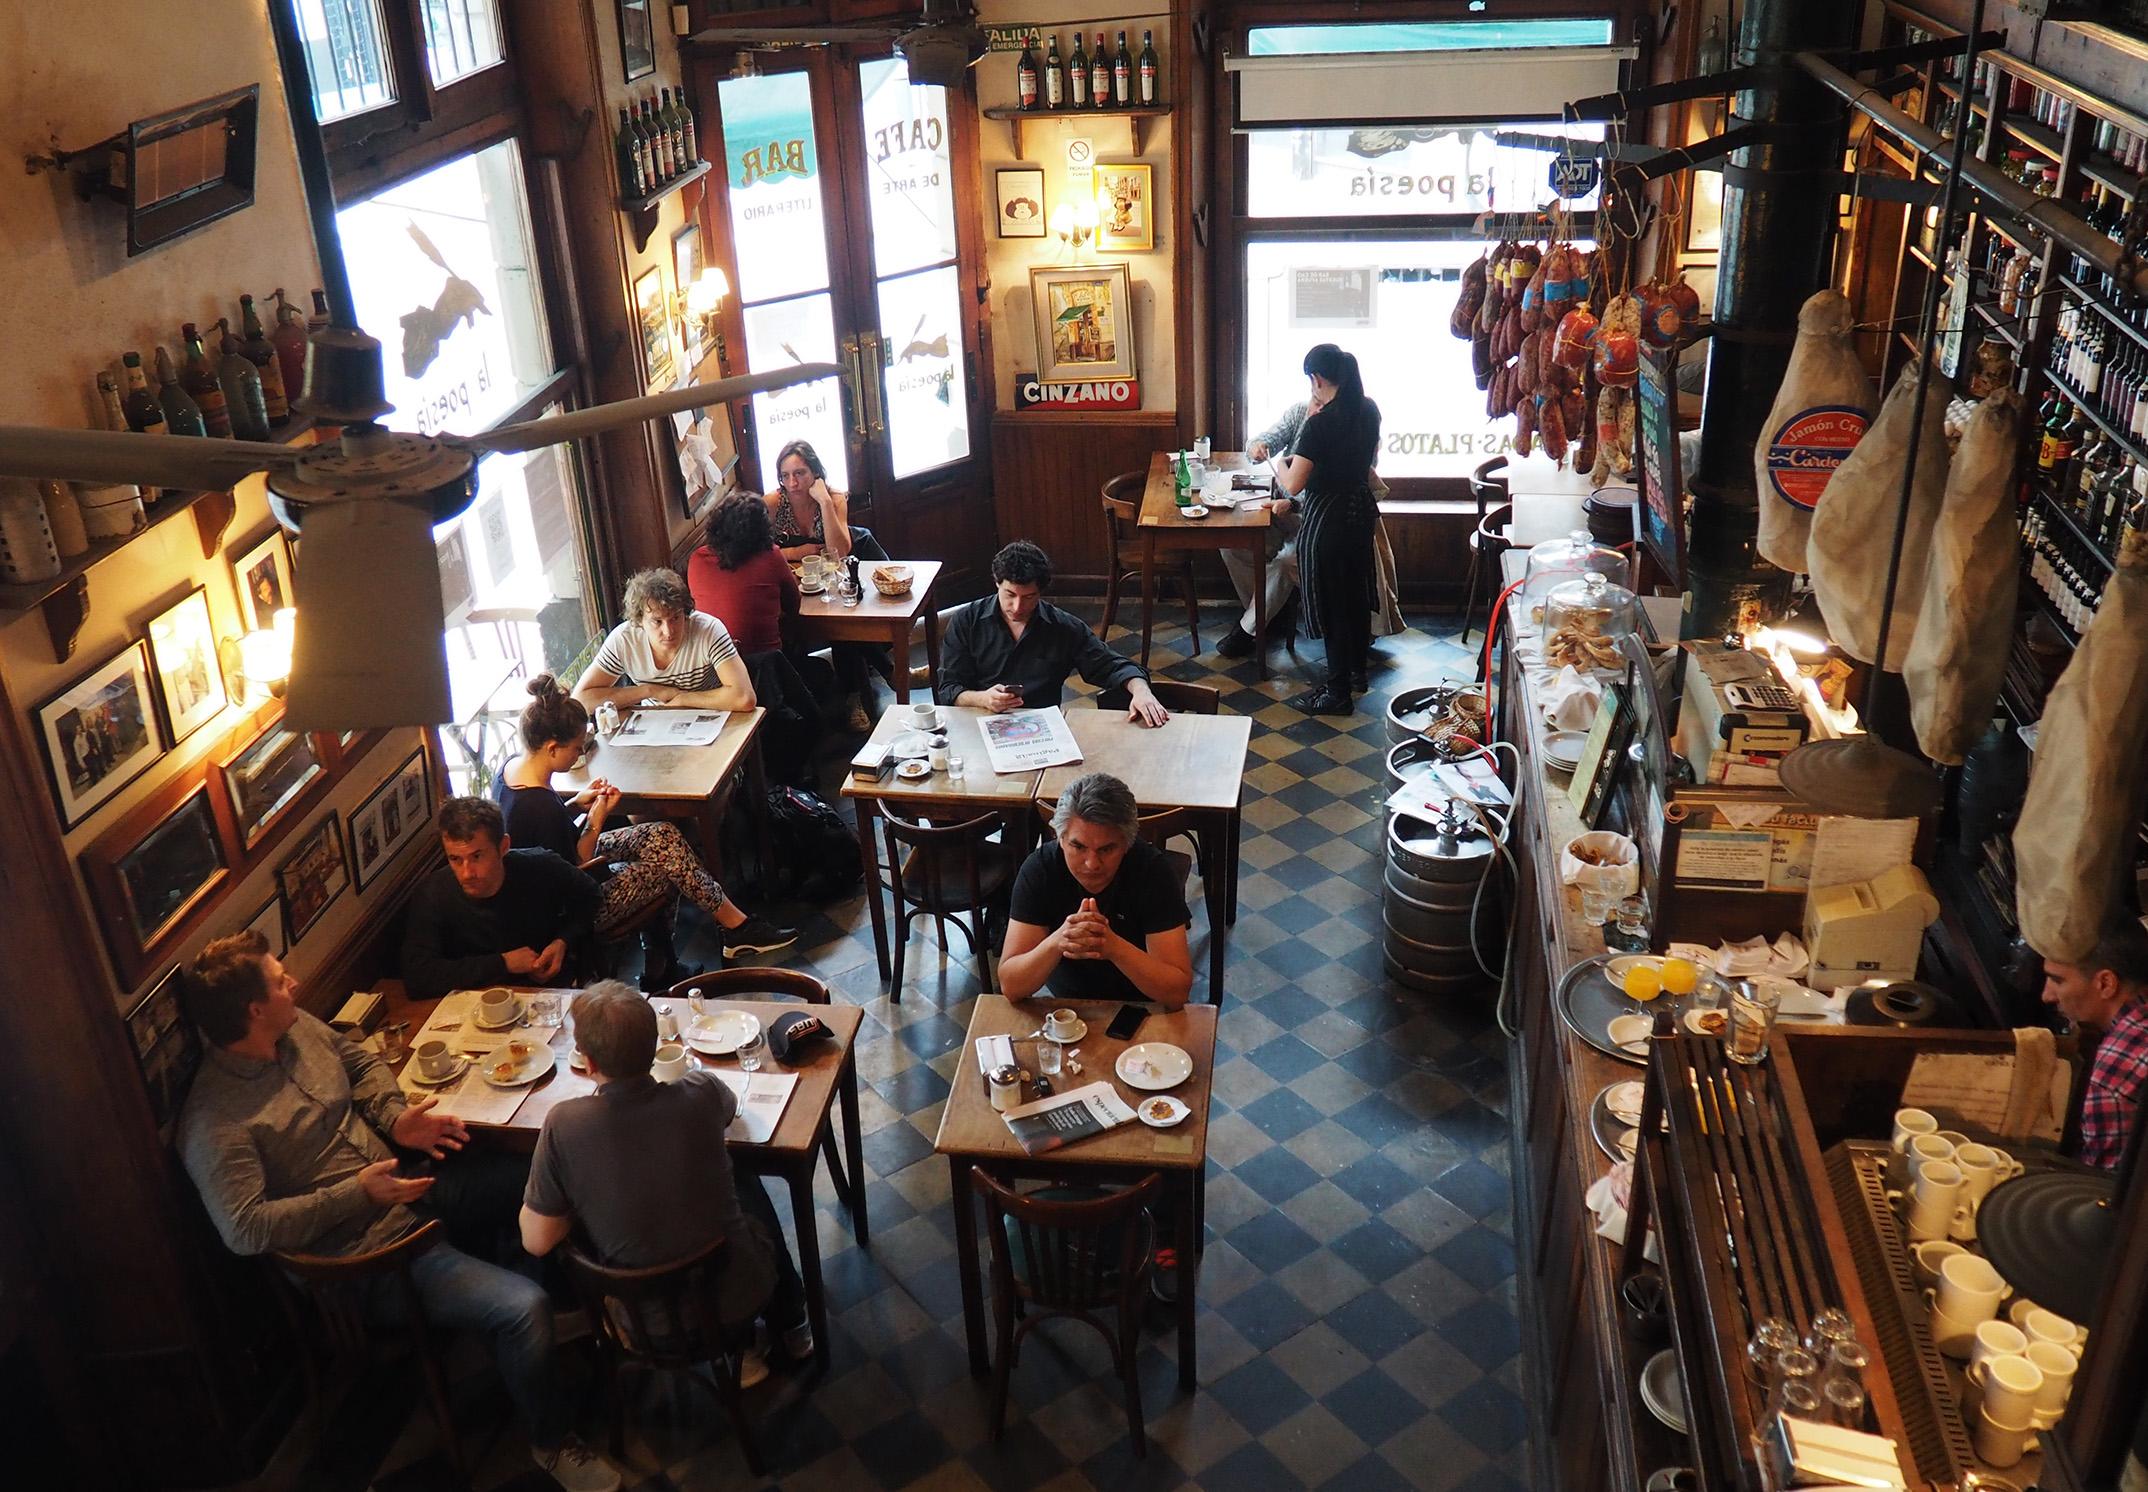 El Café de la poesía, uno de los bares notables de Buenos Aires